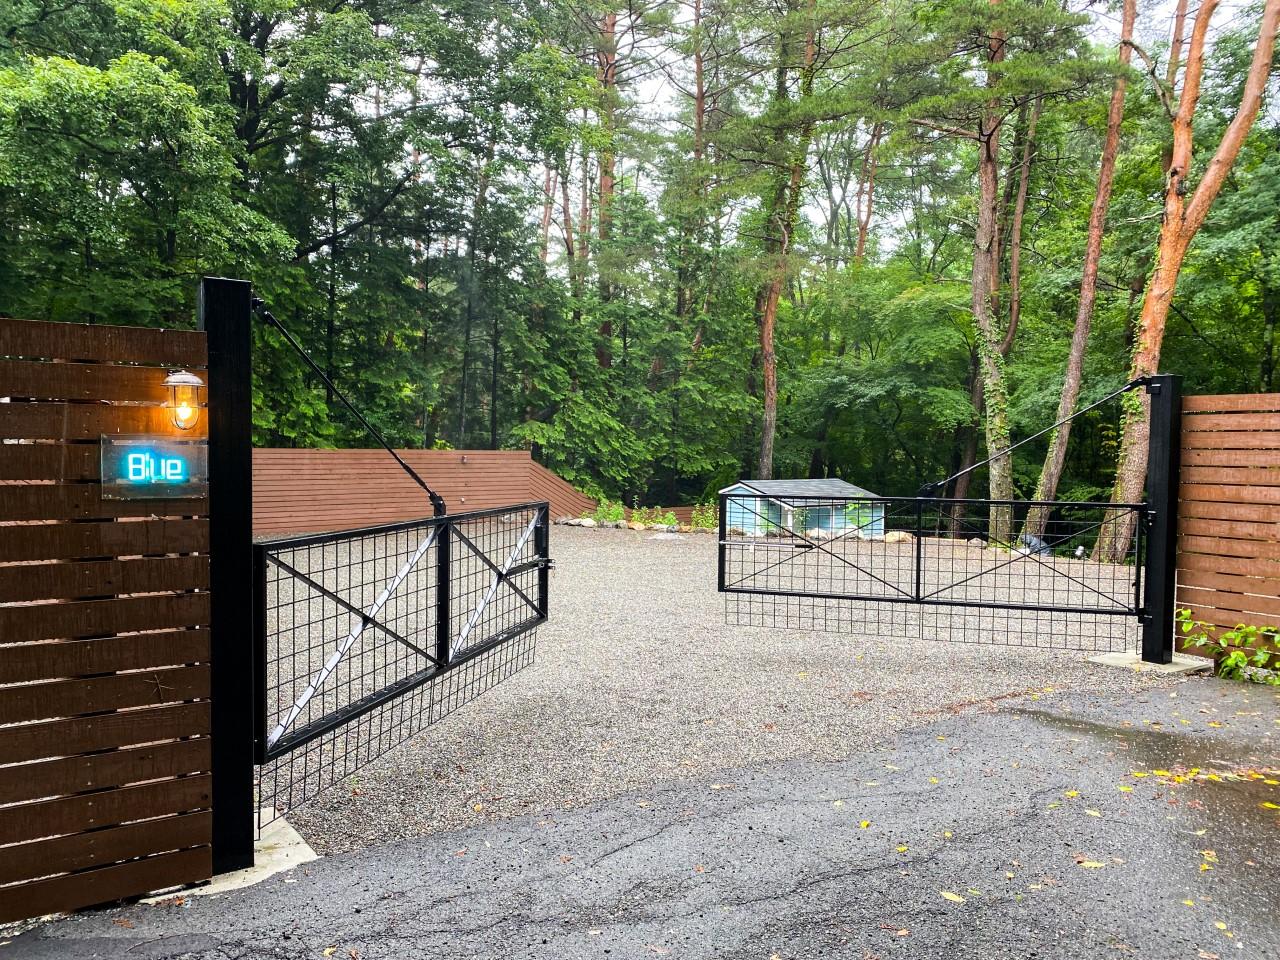 【大人の秘密基地】camp24. 白州フィールドで完全プライベートキャンプを満喫しよう